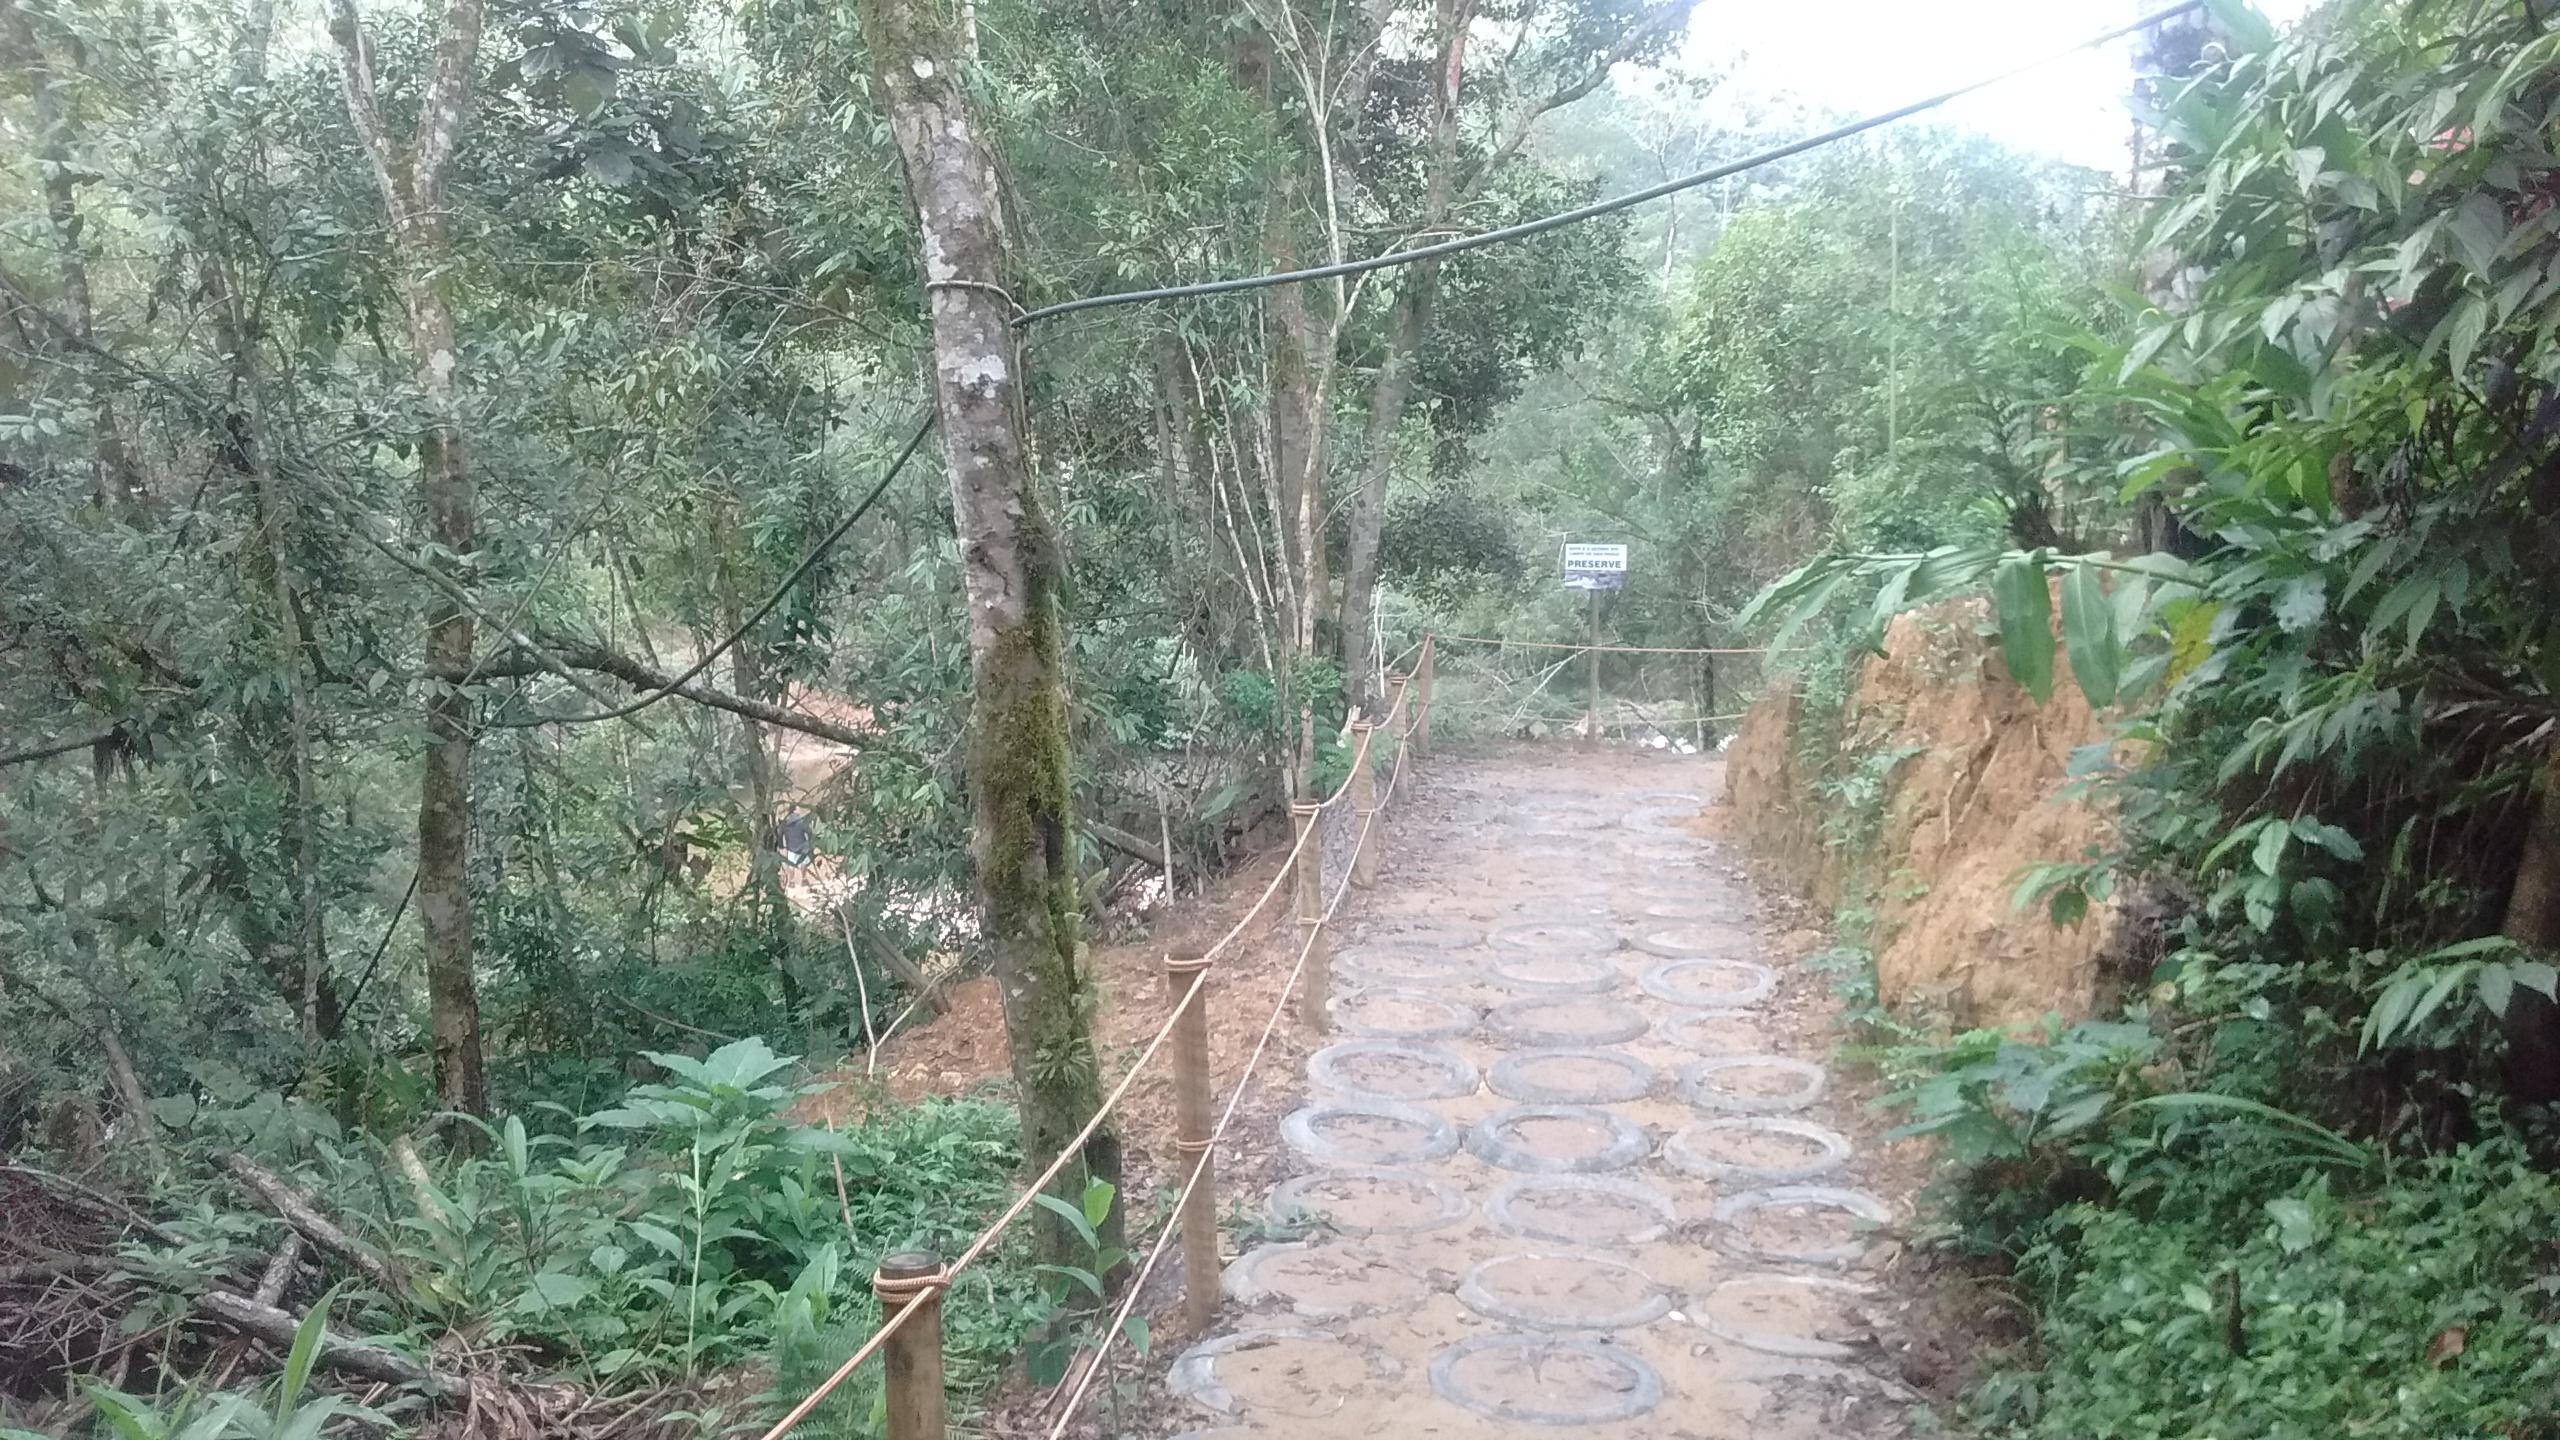 trilha na natureza